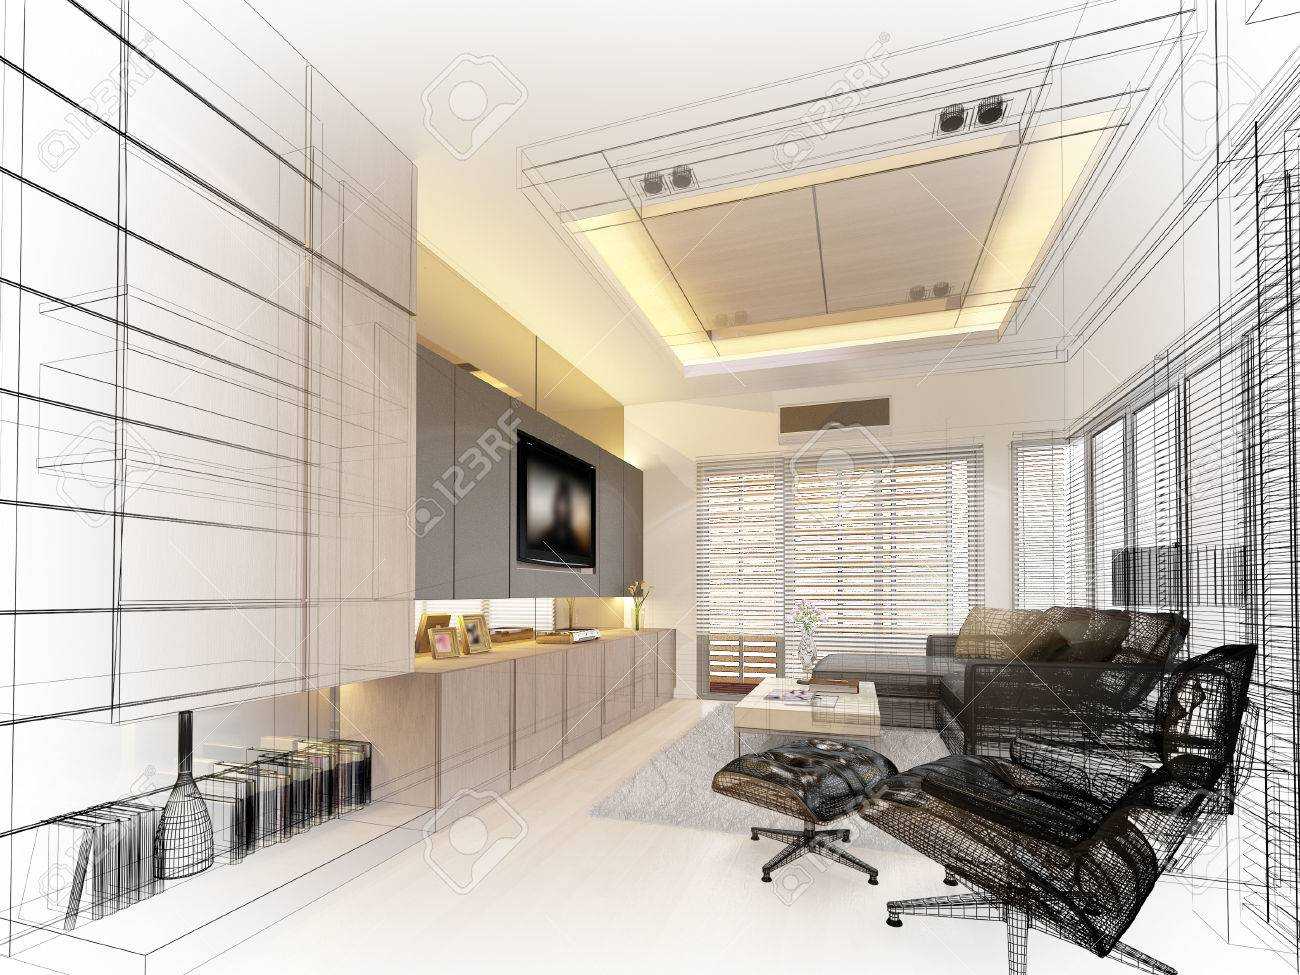 sketch design of living ,3dwire frame render - 42310244